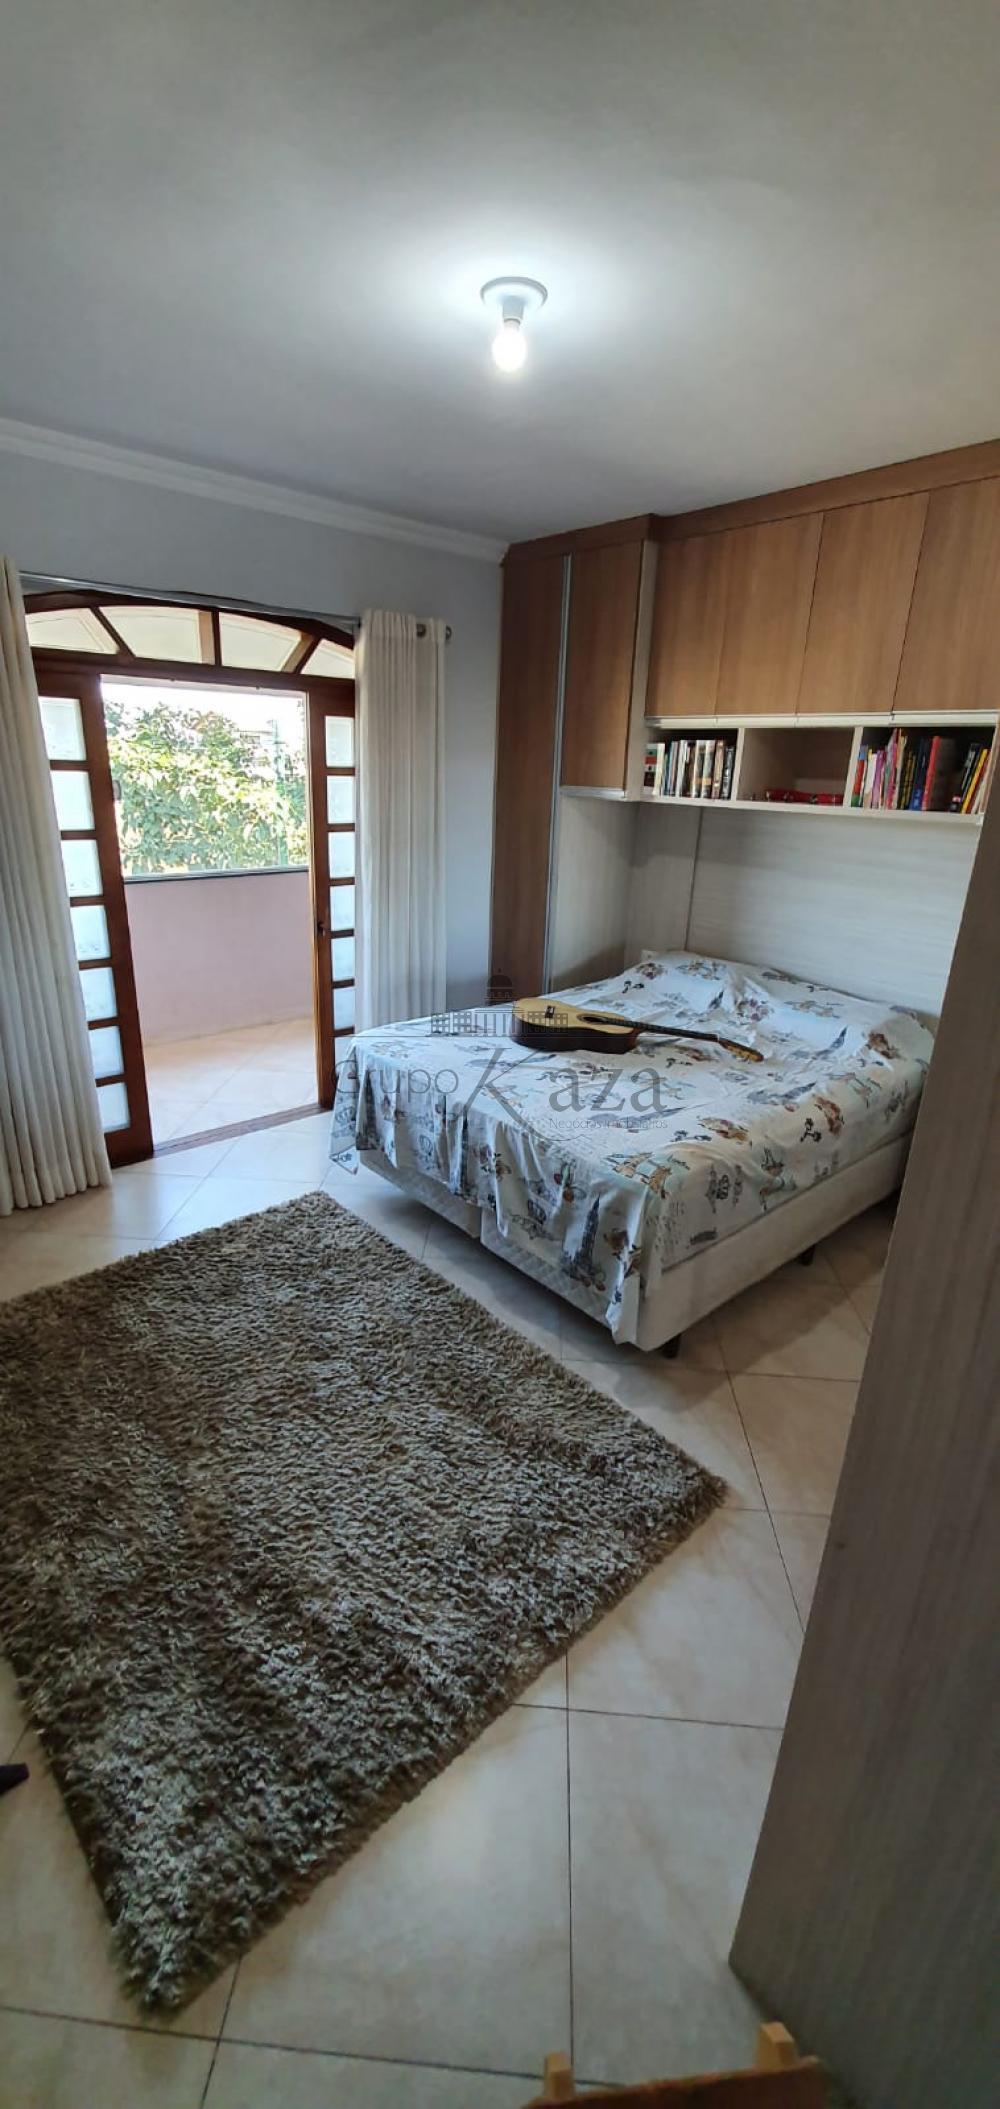 alt='Comprar Casa / Sobrado em São José dos Campos R$ 330.000,00 - Foto 5' title='Comprar Casa / Sobrado em São José dos Campos R$ 330.000,00 - Foto 5'